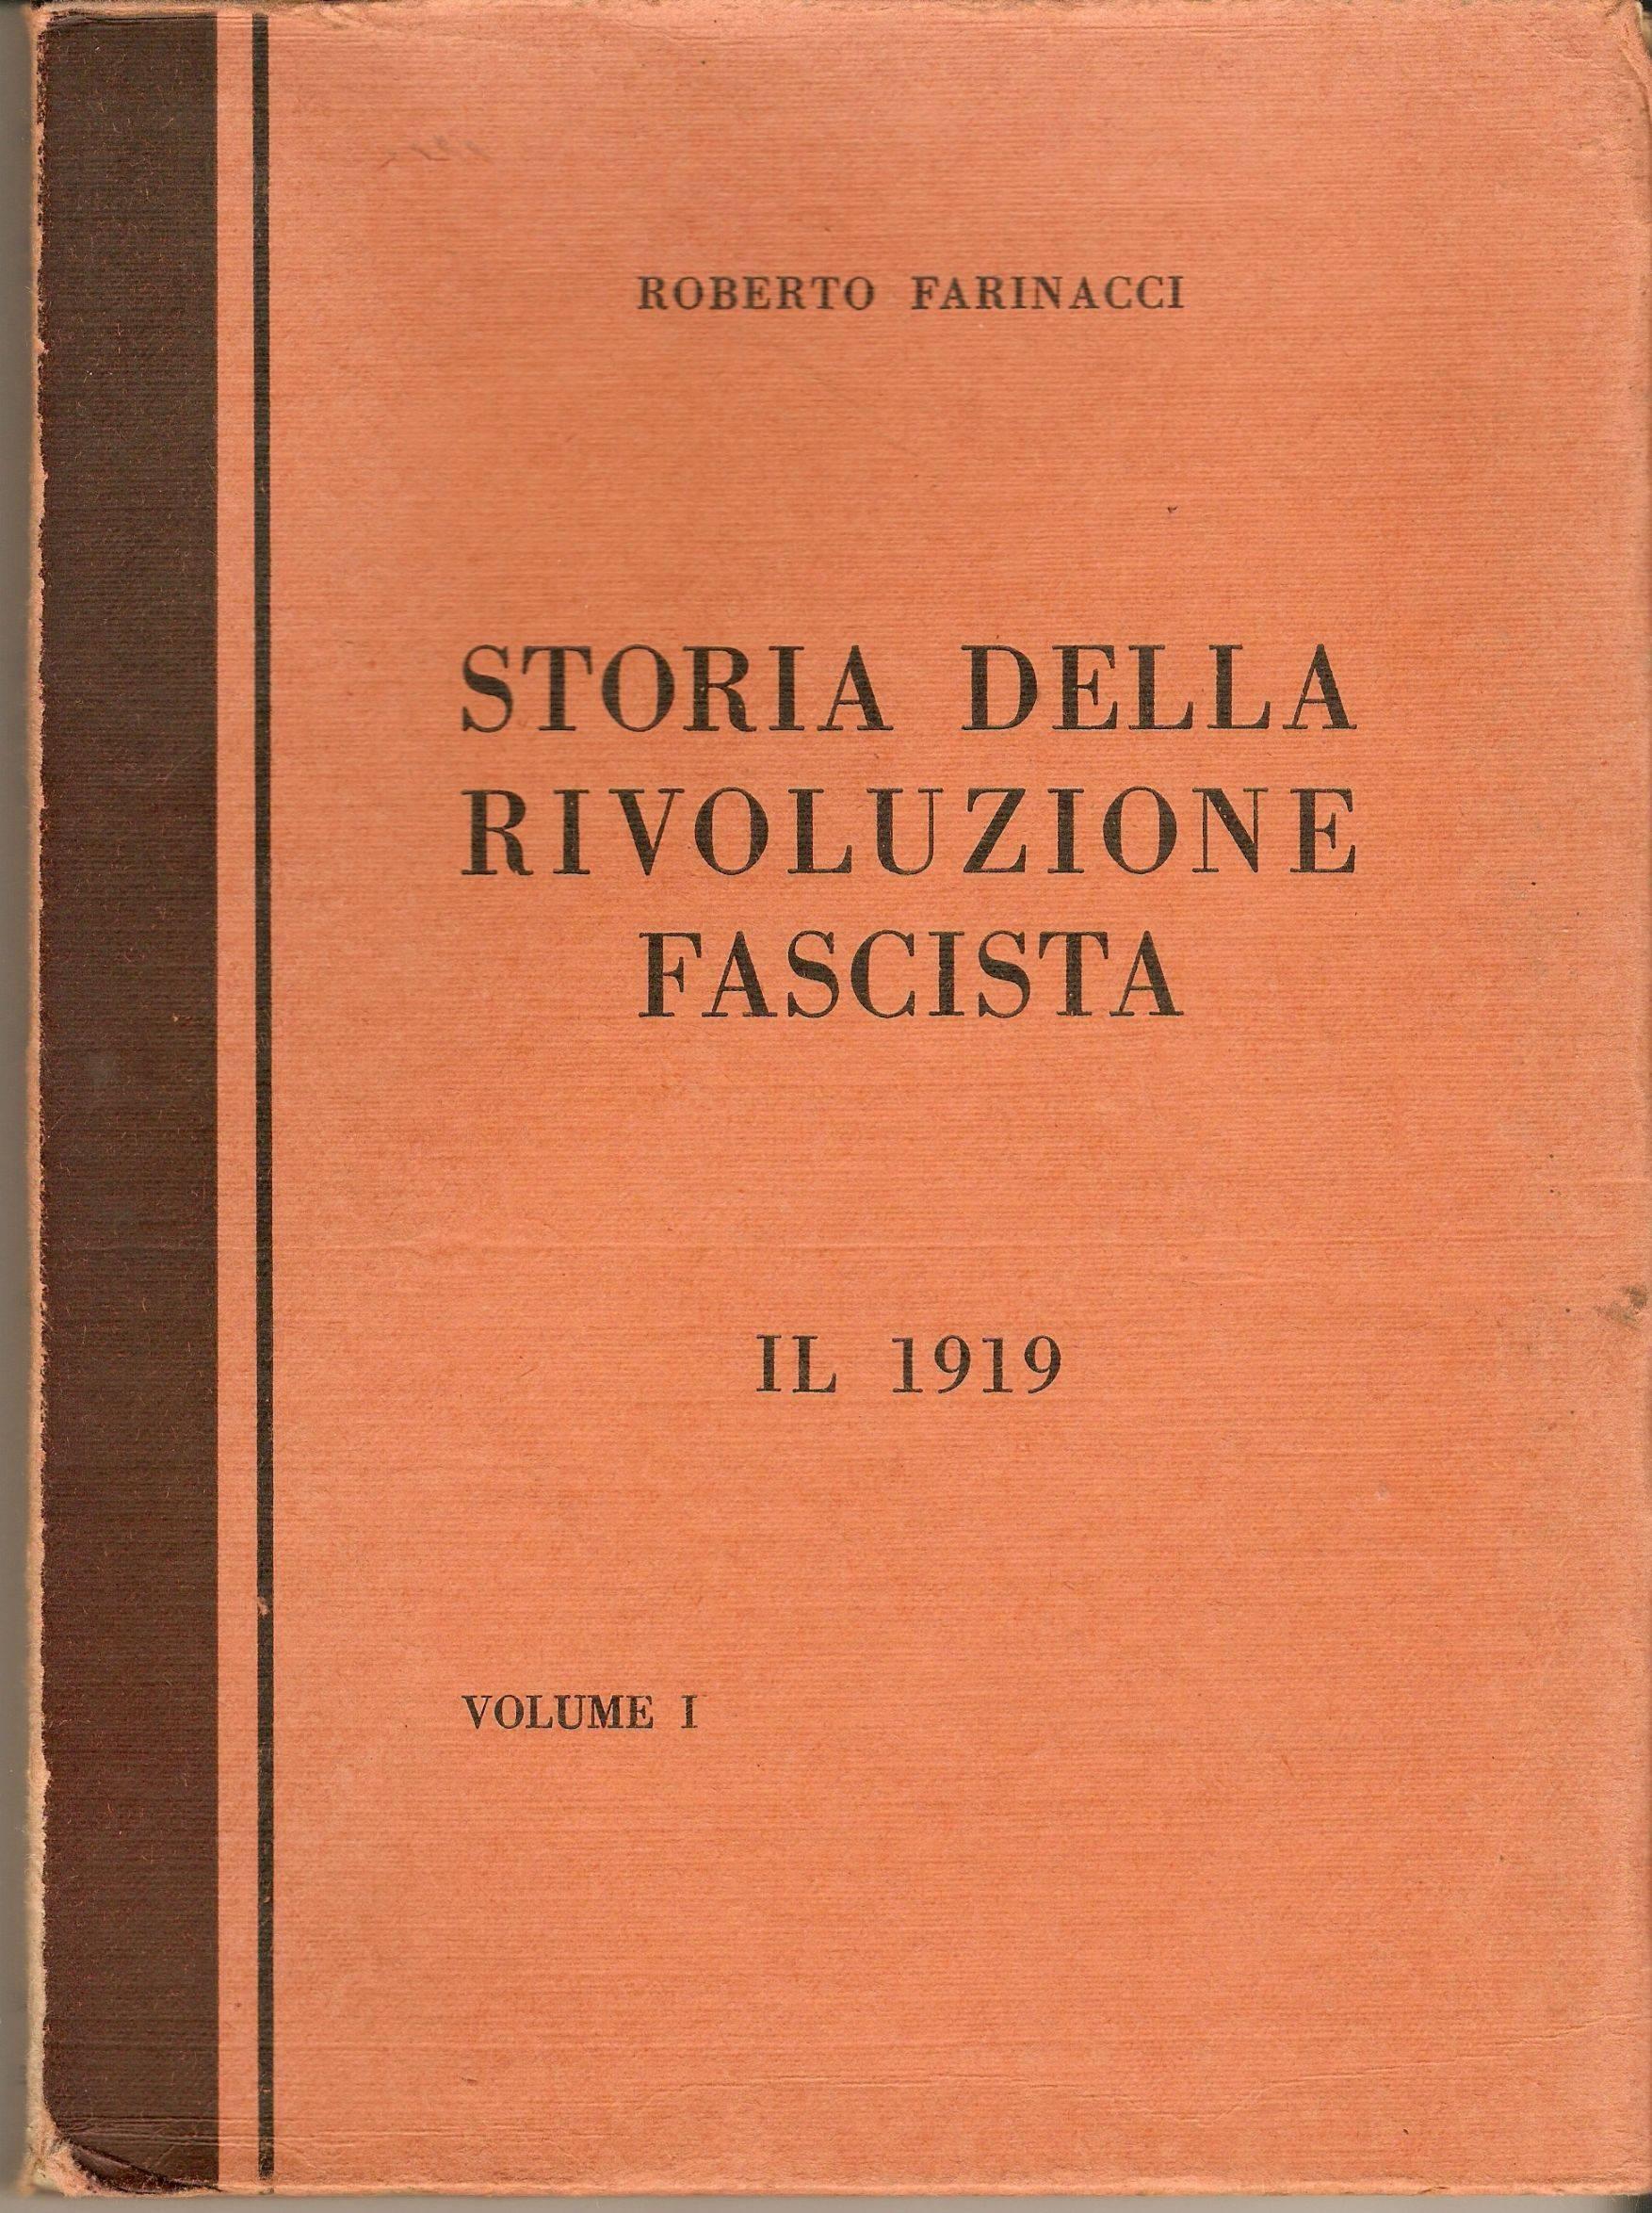 Storia della rivoluzione fascista - Vol. 1